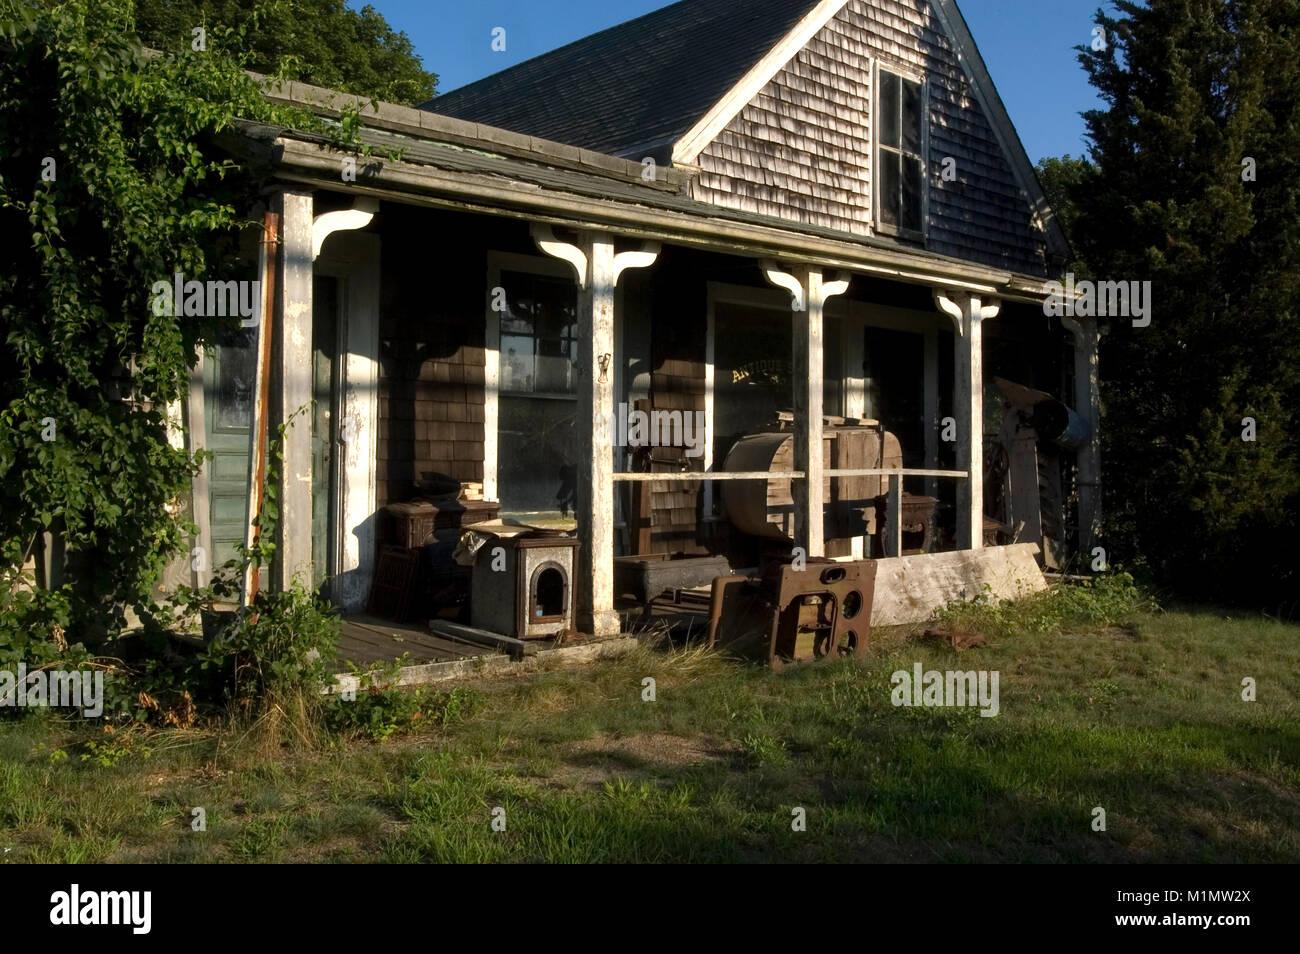 Eine verlassene Antique Shop in West Yarmouth, Massachusetts, auf Cape Cod, USA Stockfoto